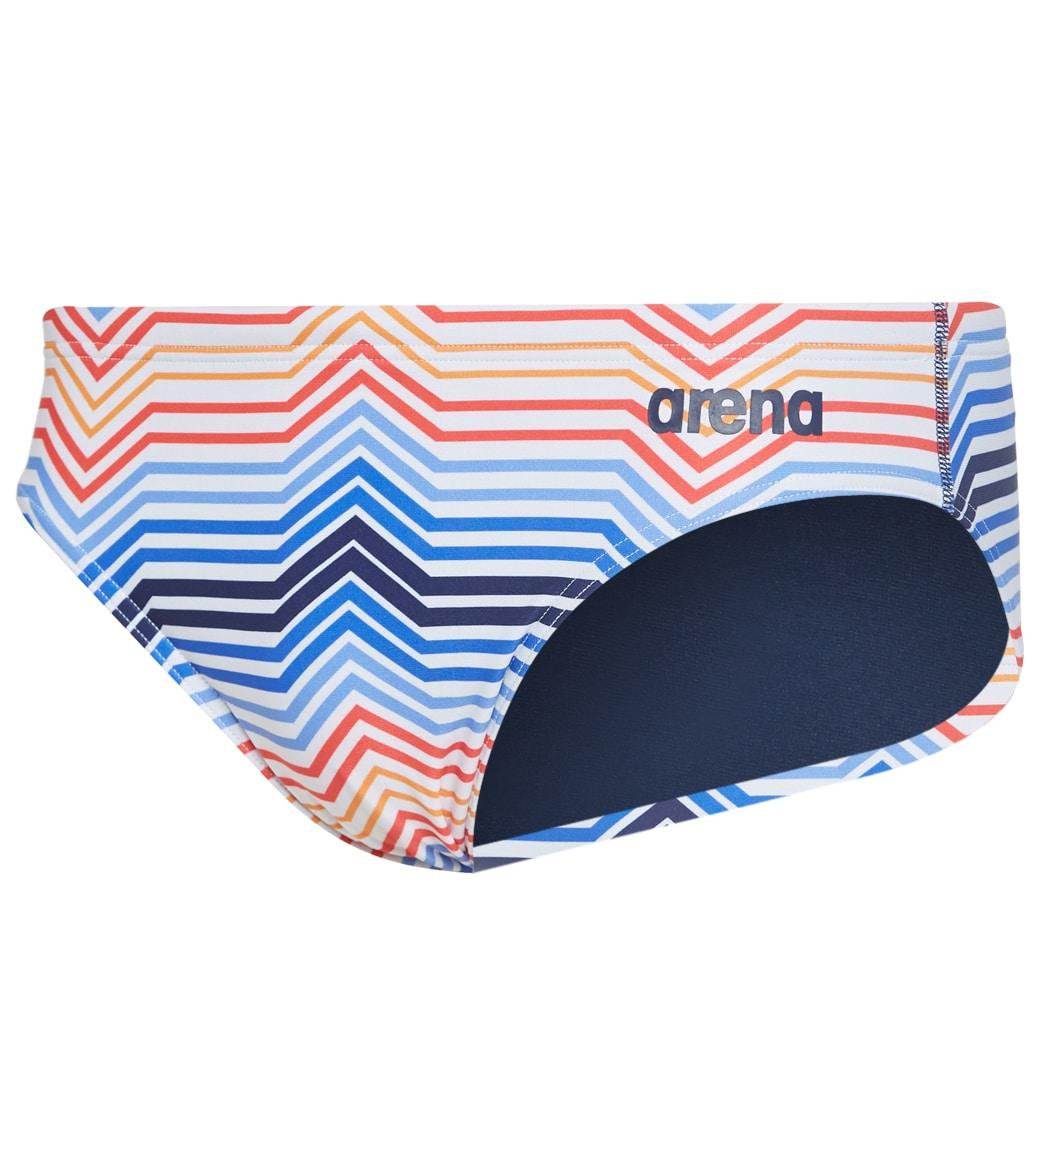 Arena Mens USA MaxLife Brief Swimsuit